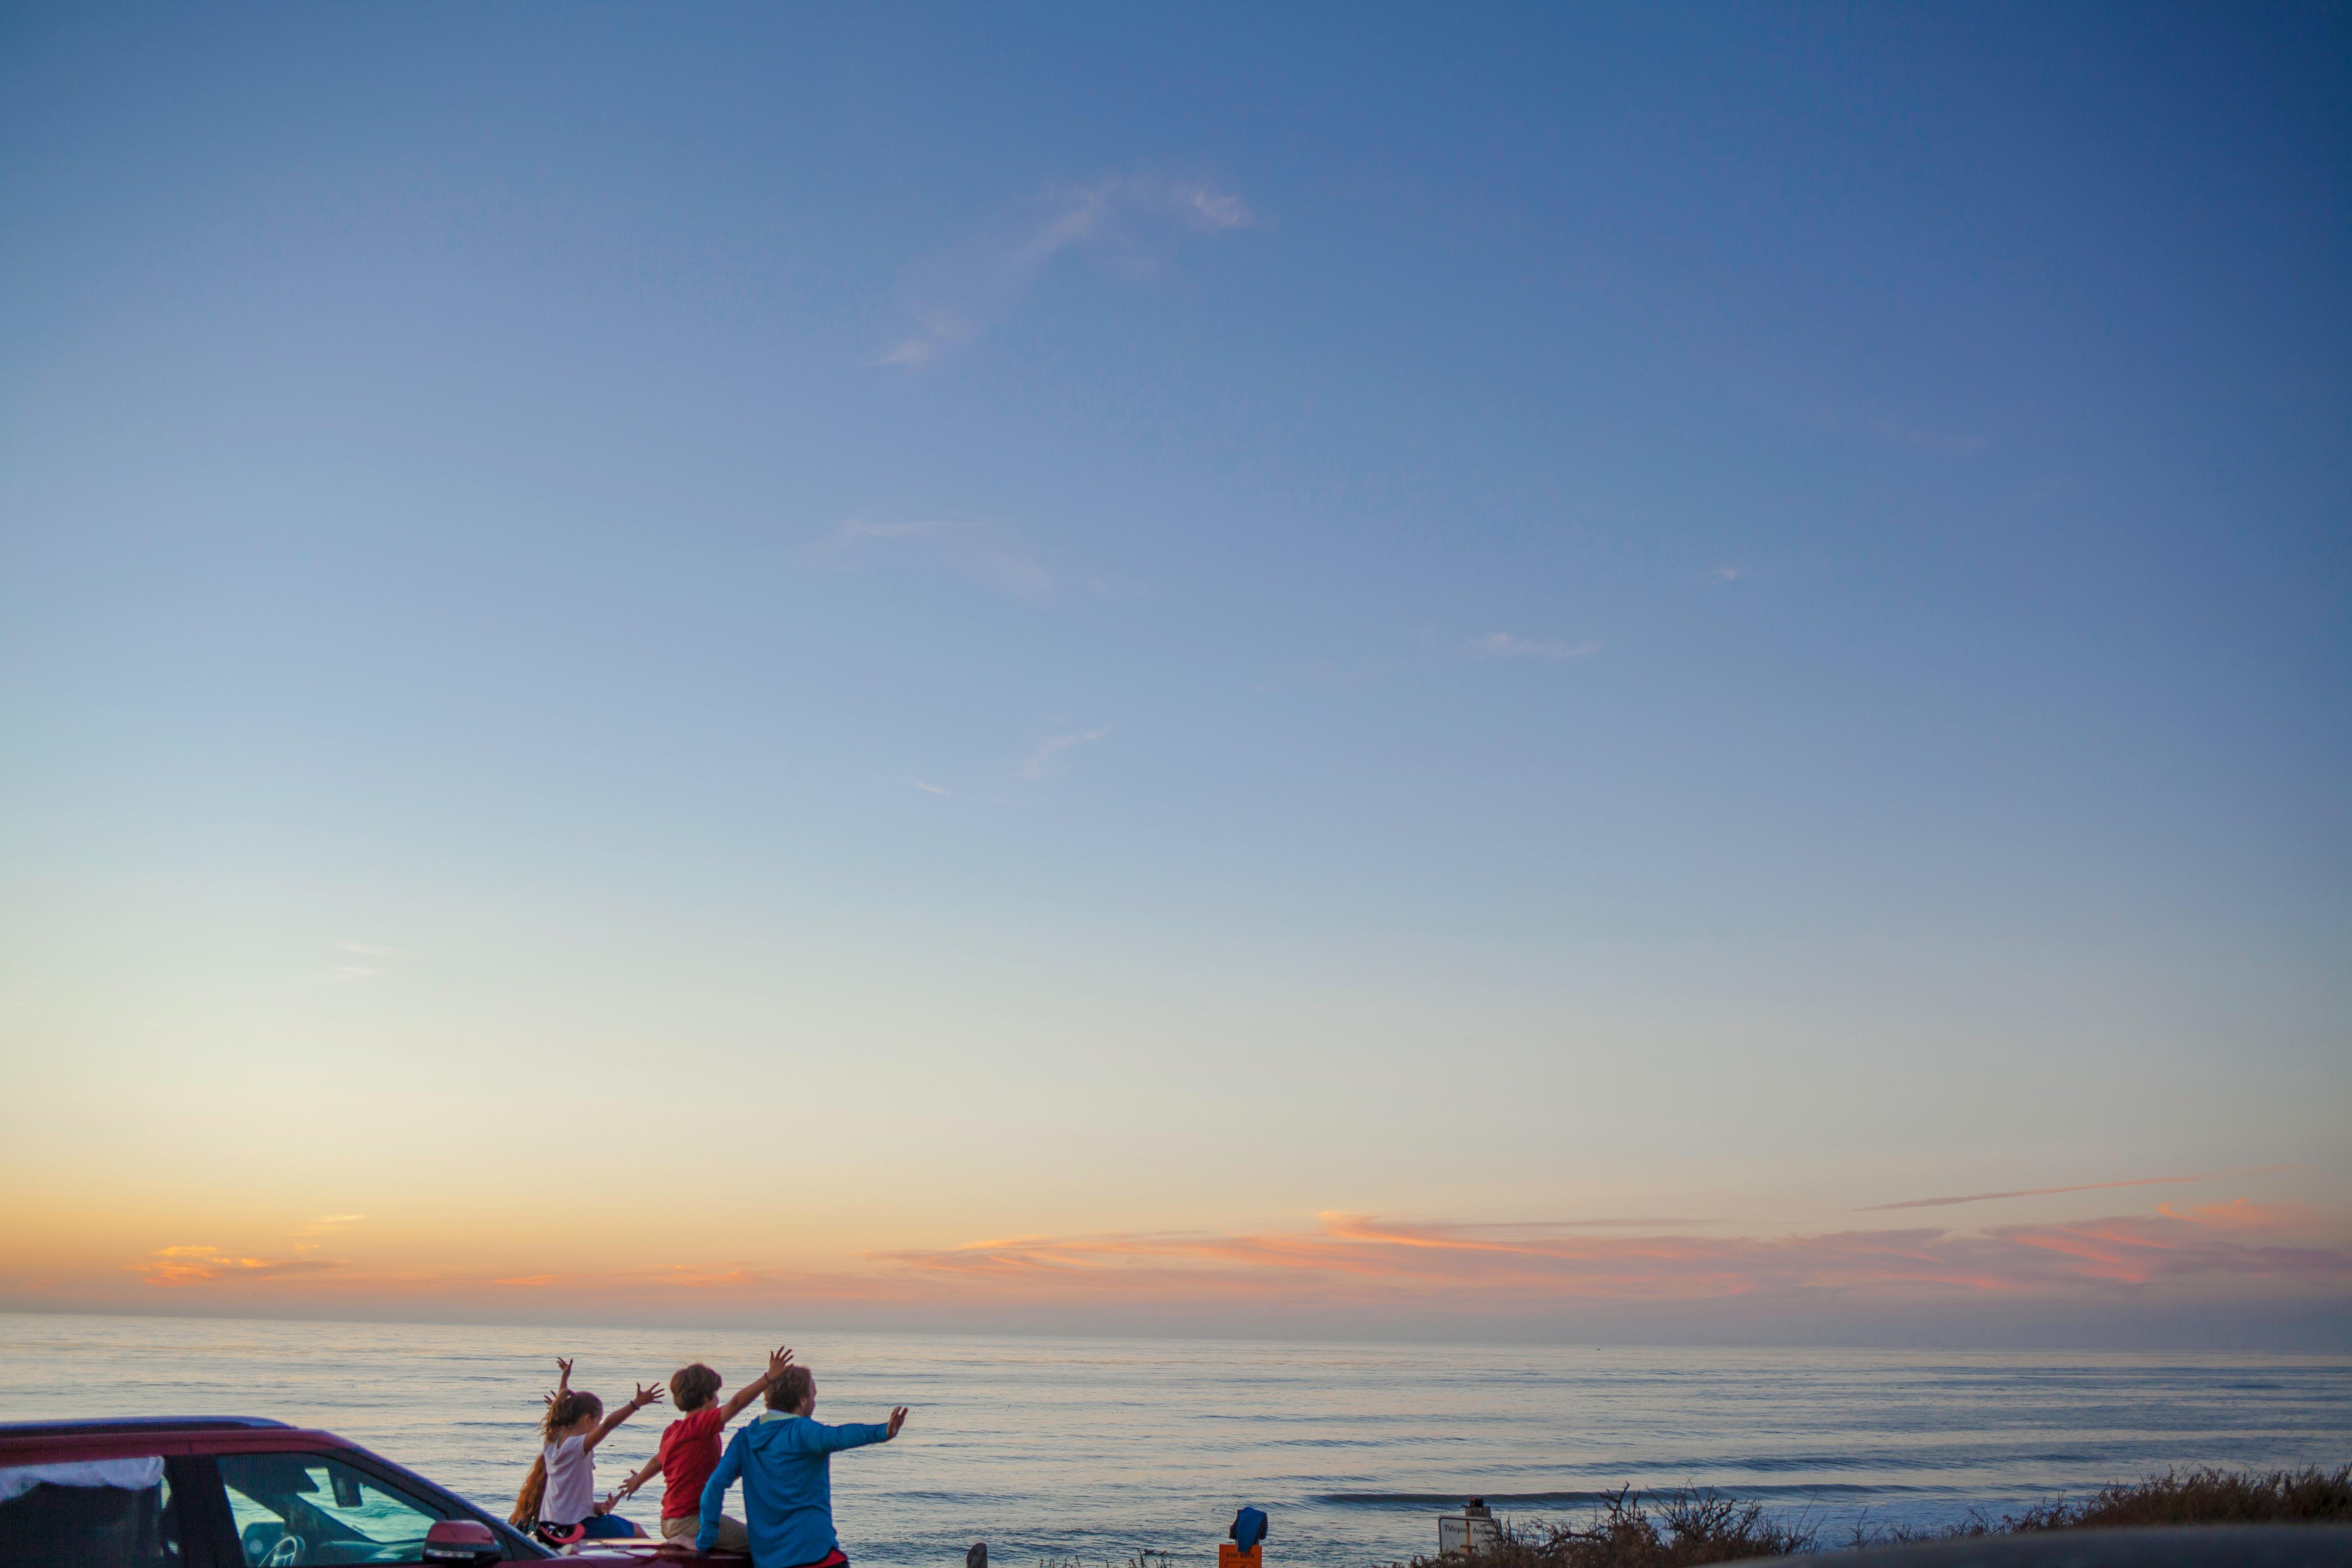 gezinsreizen familiereizen canada usa